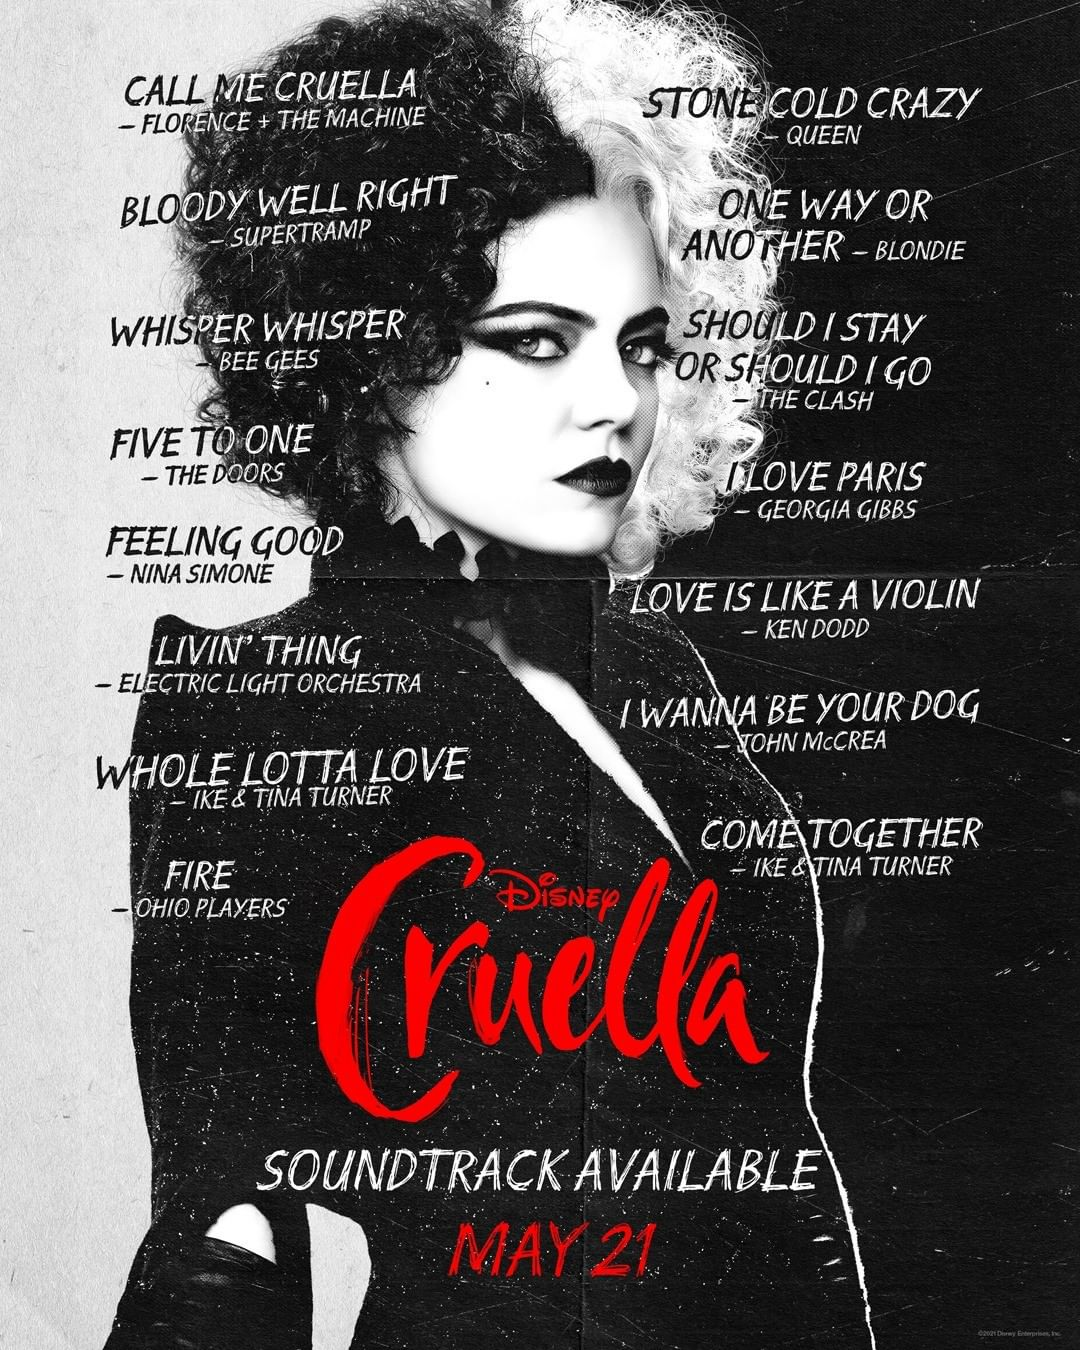 Banda sonora de la película Cruella